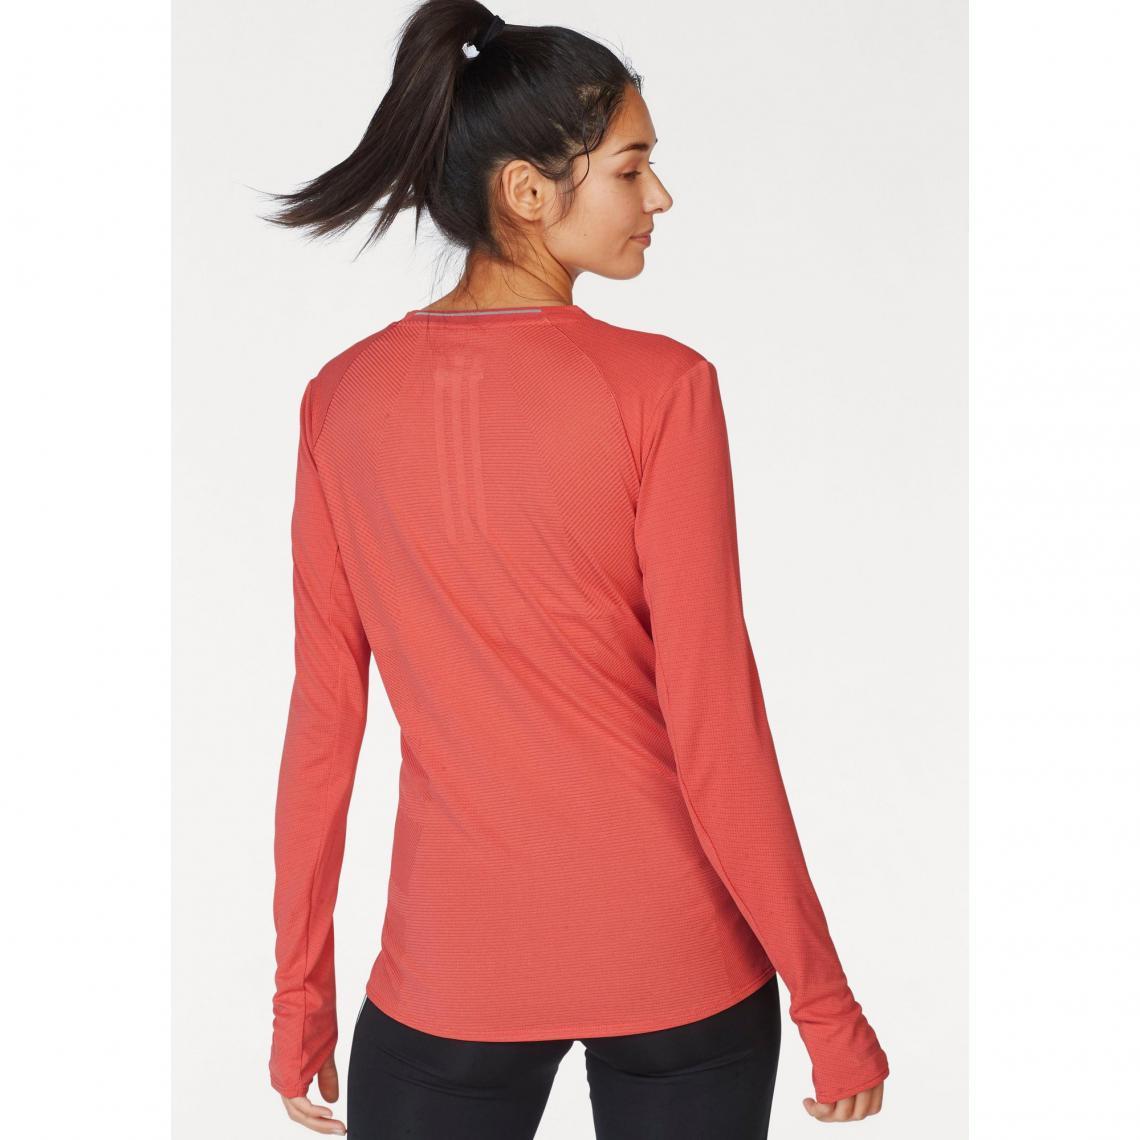 the best attitude b6903 d3185 T-shirts sport femme Adidas Performance Cliquez l image pour l agrandir.  Maillot de course manches longues Fran SN Longsleeve W ...